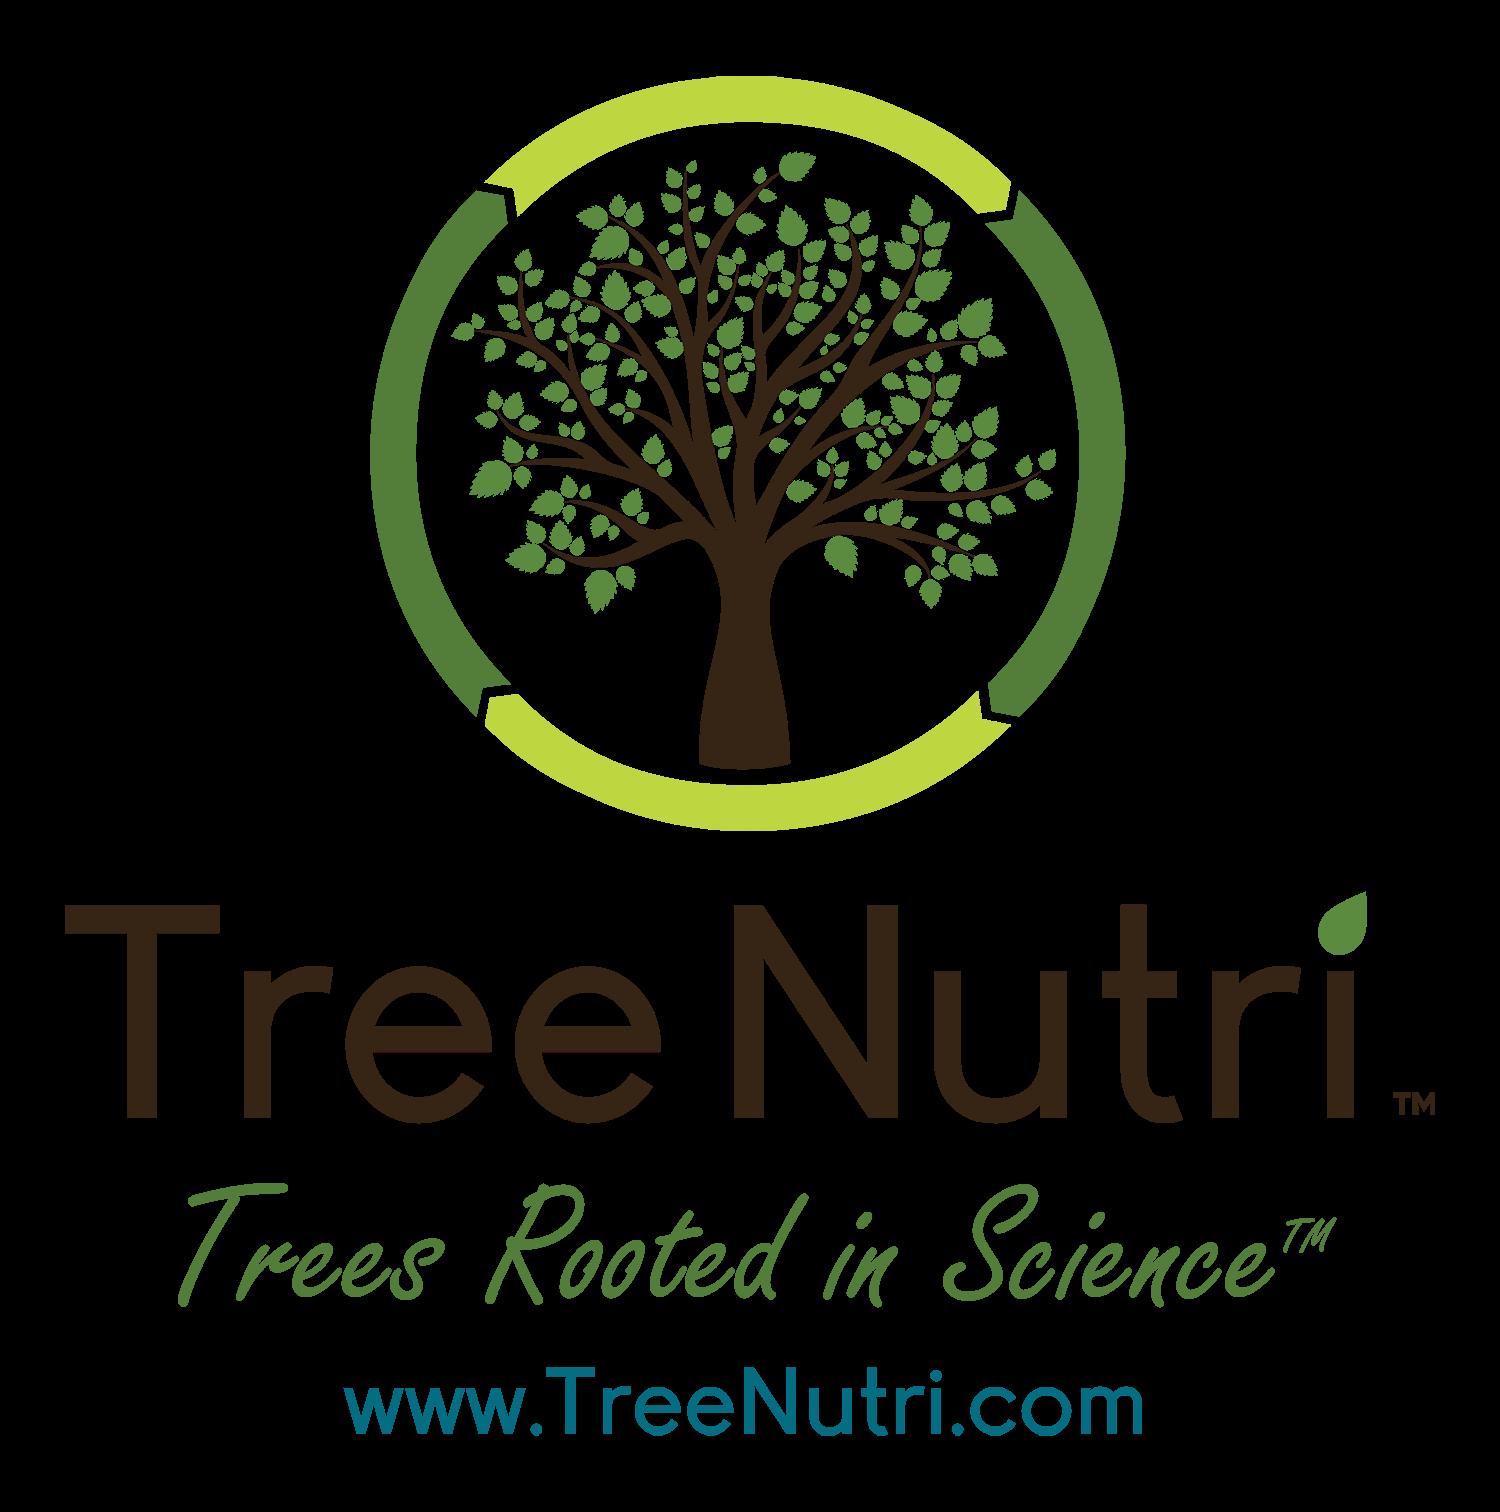 Tree Nutri